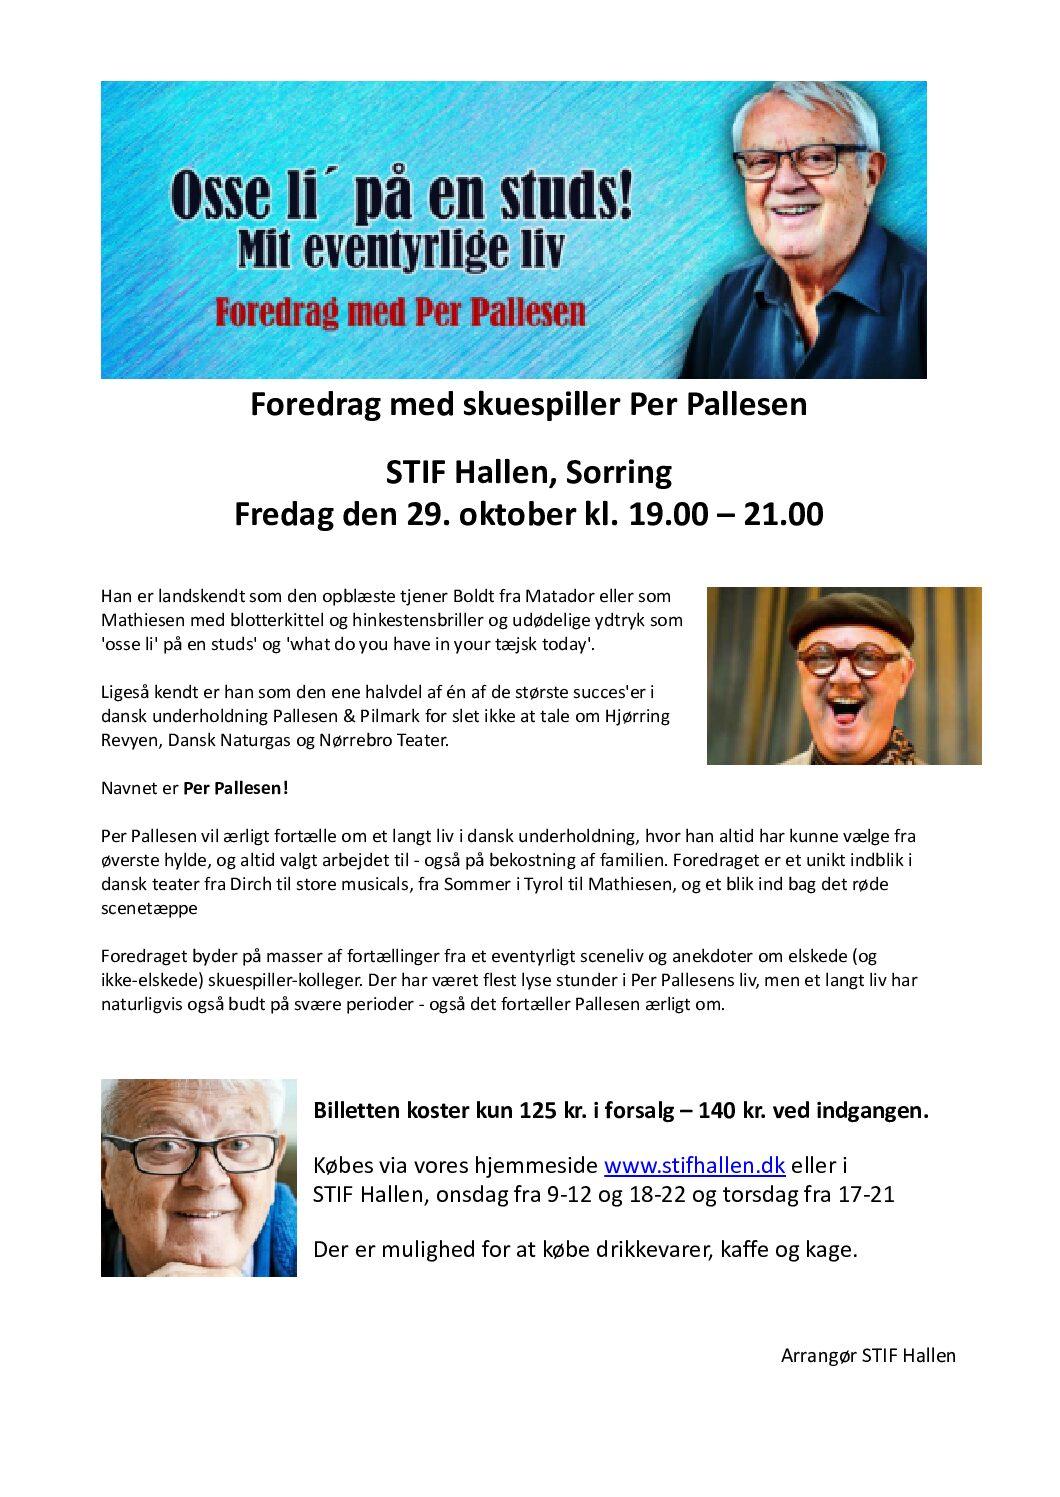 Foredrag med skuespiller Per Pallesen